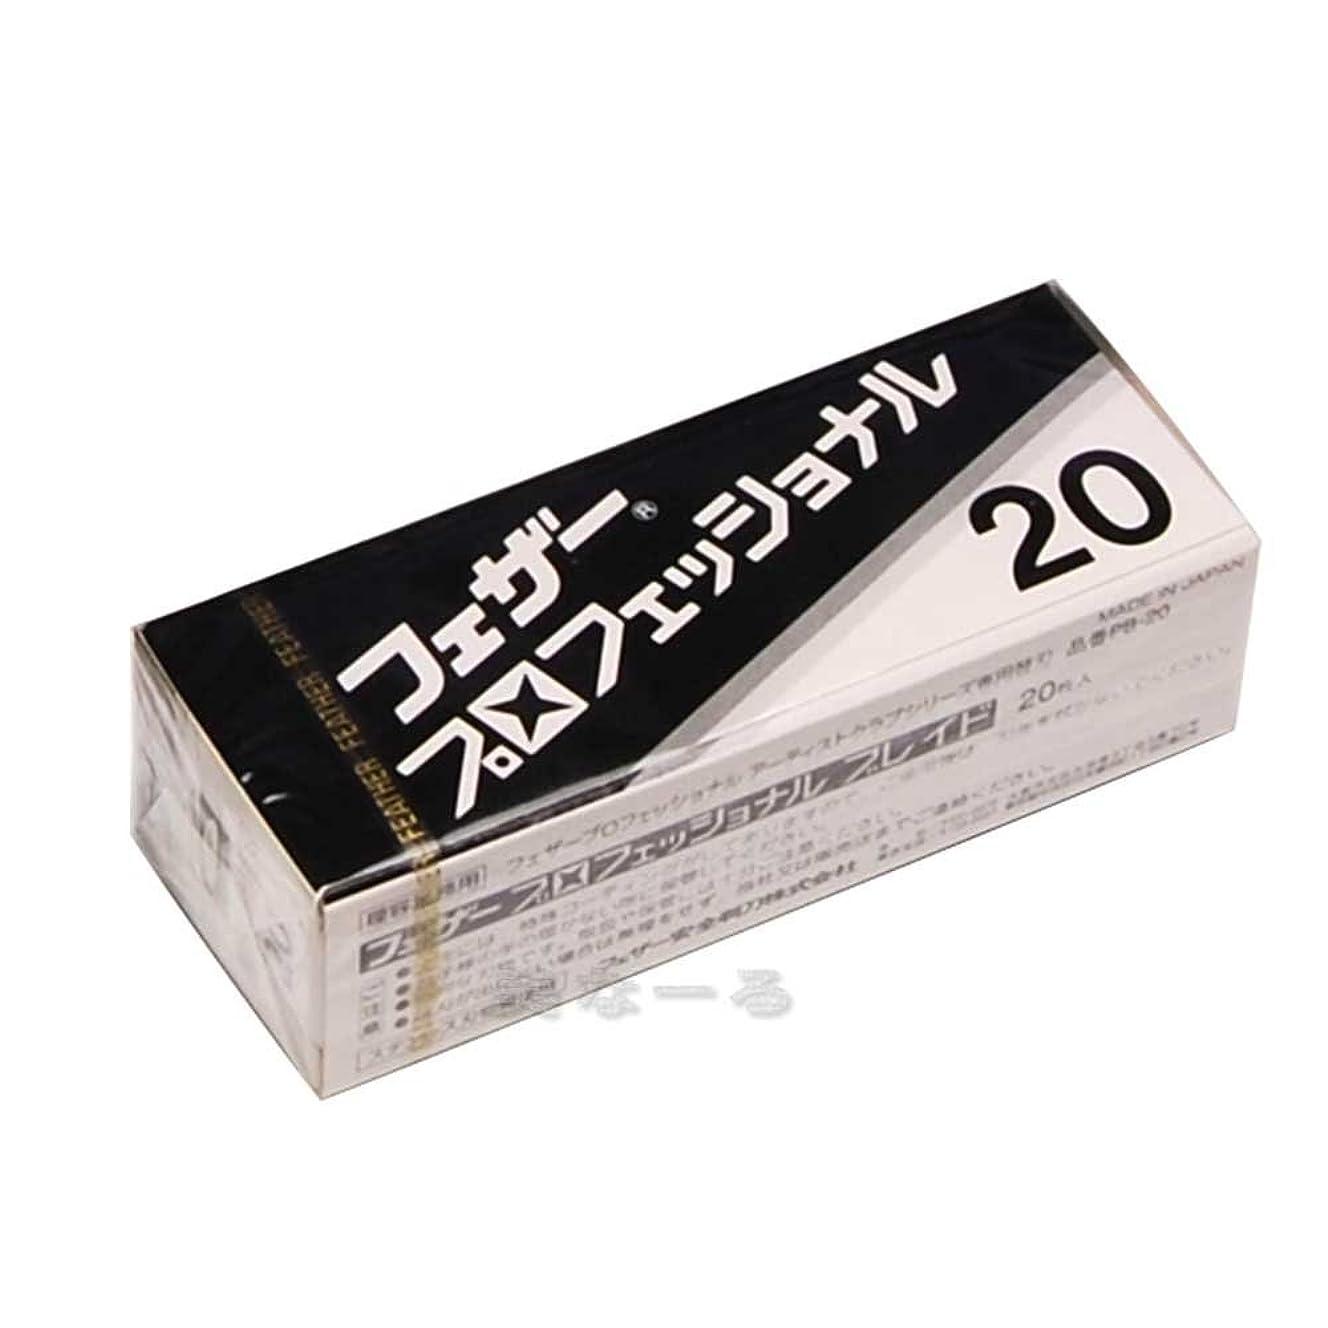 ファックスエンターテインメント郡フェザー プロフェッショナル ブレイド PB-20 替刃 20枚入